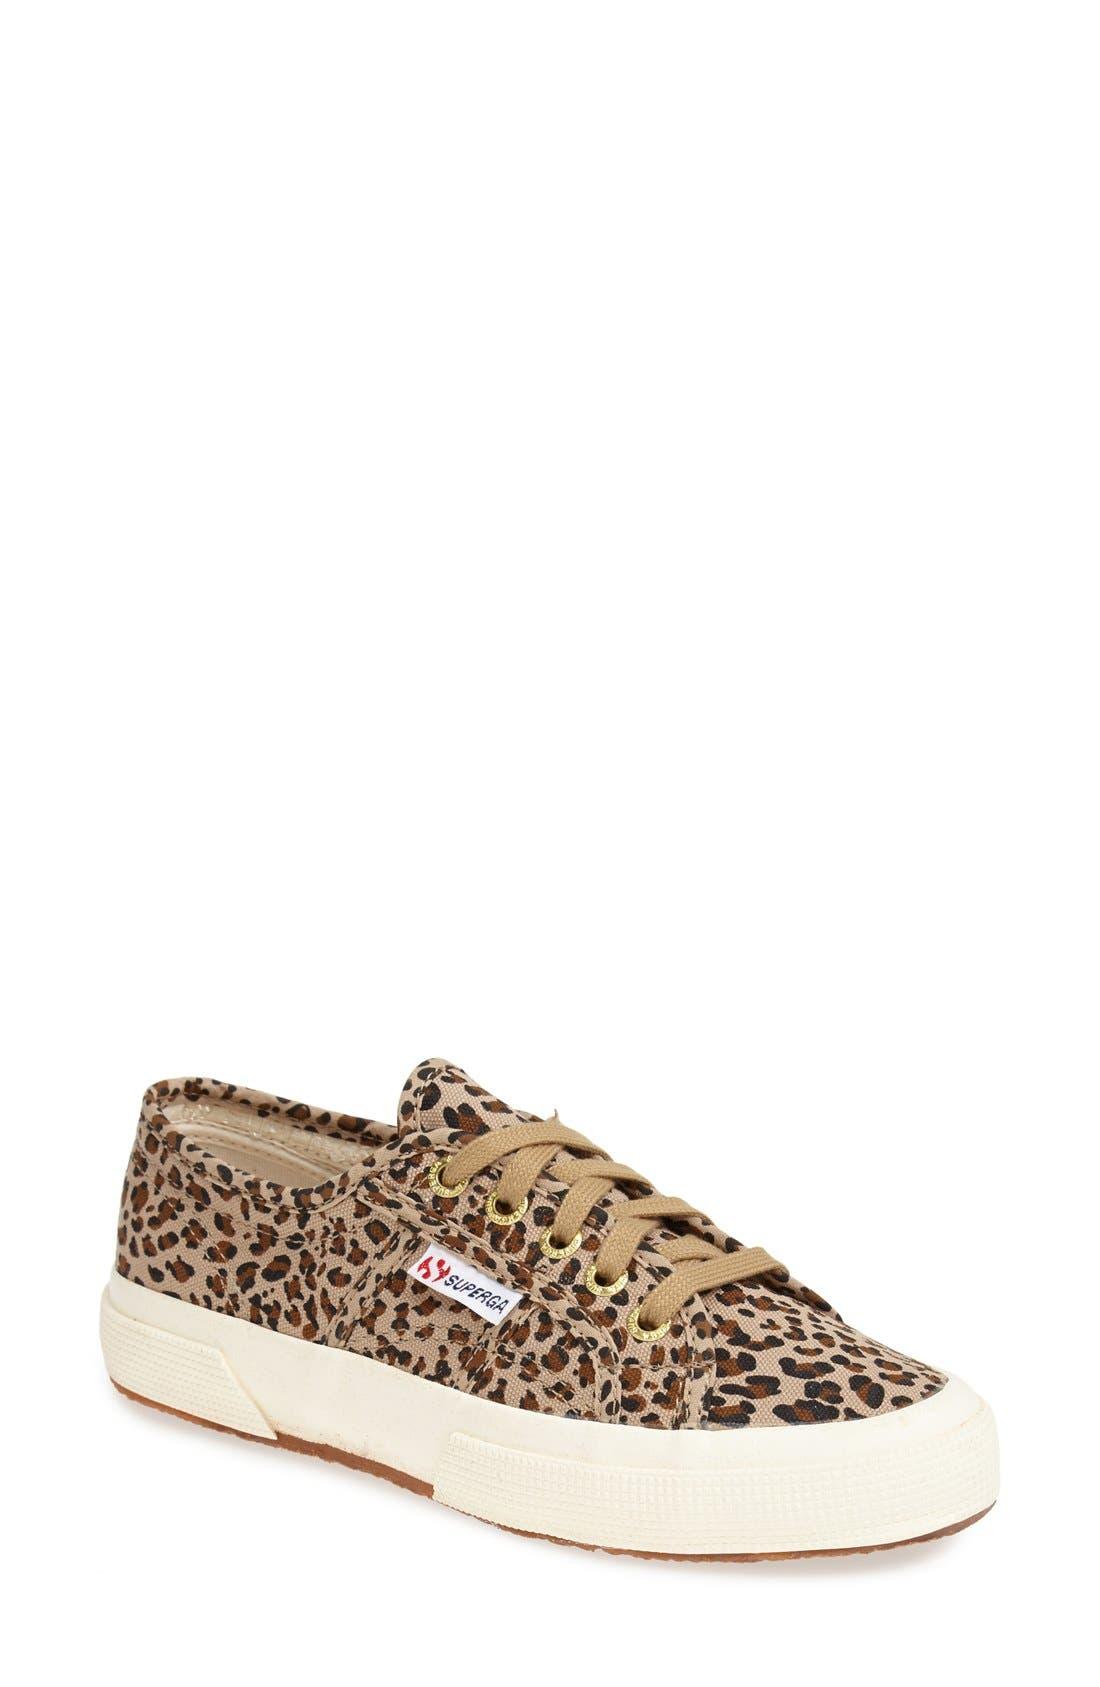 Alternate Image 1 Selected - Superga 'Leo' Leopard Spot Slip-On Sneaker (Women)